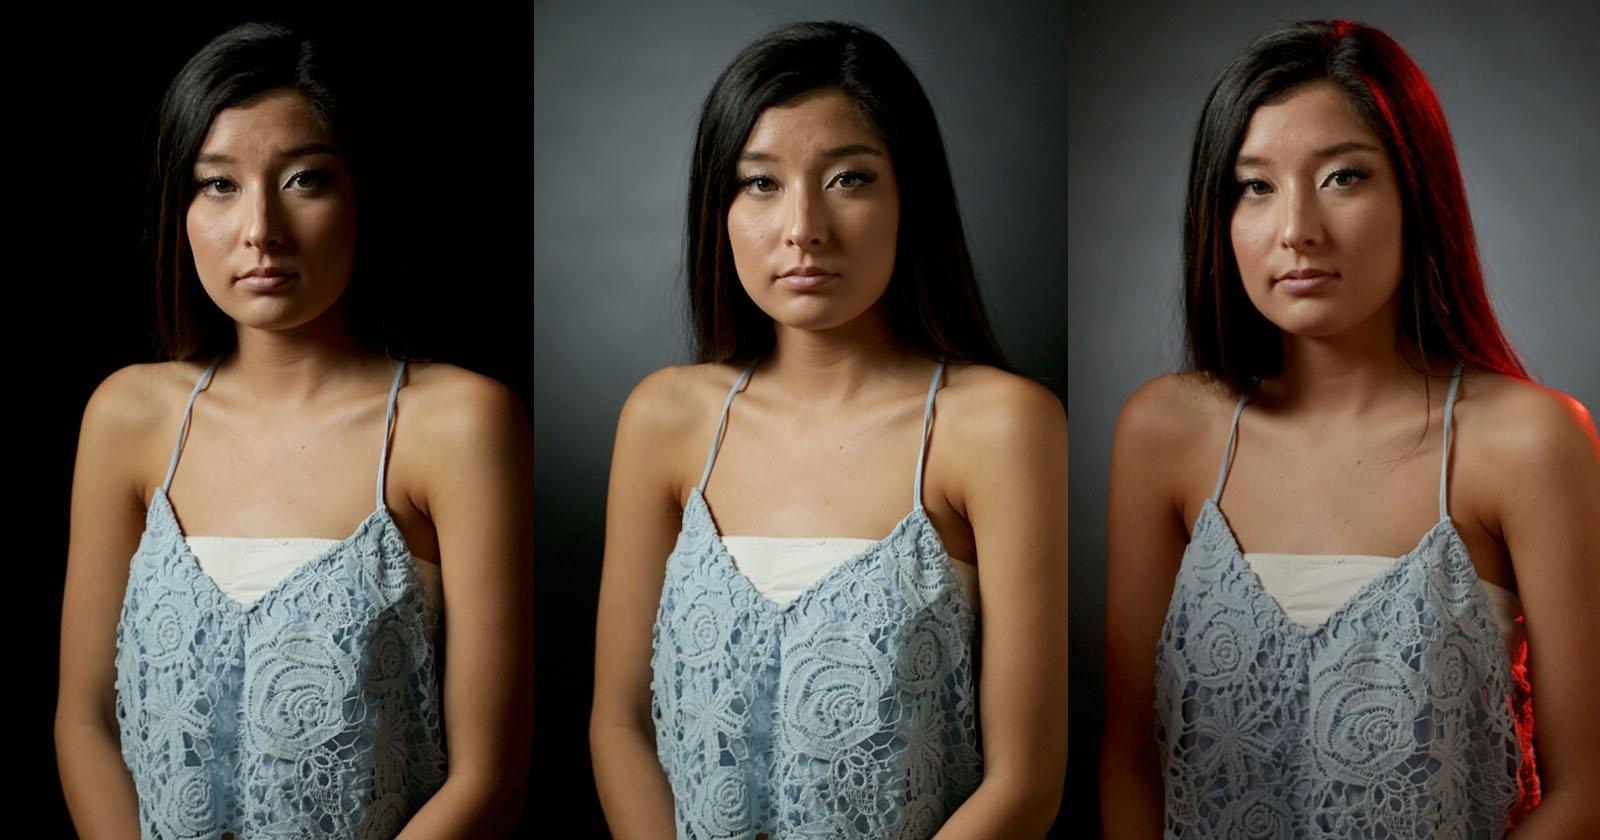 Hier ist ein Intro zu Drei-Punkt-Beleuchtung für Portraits